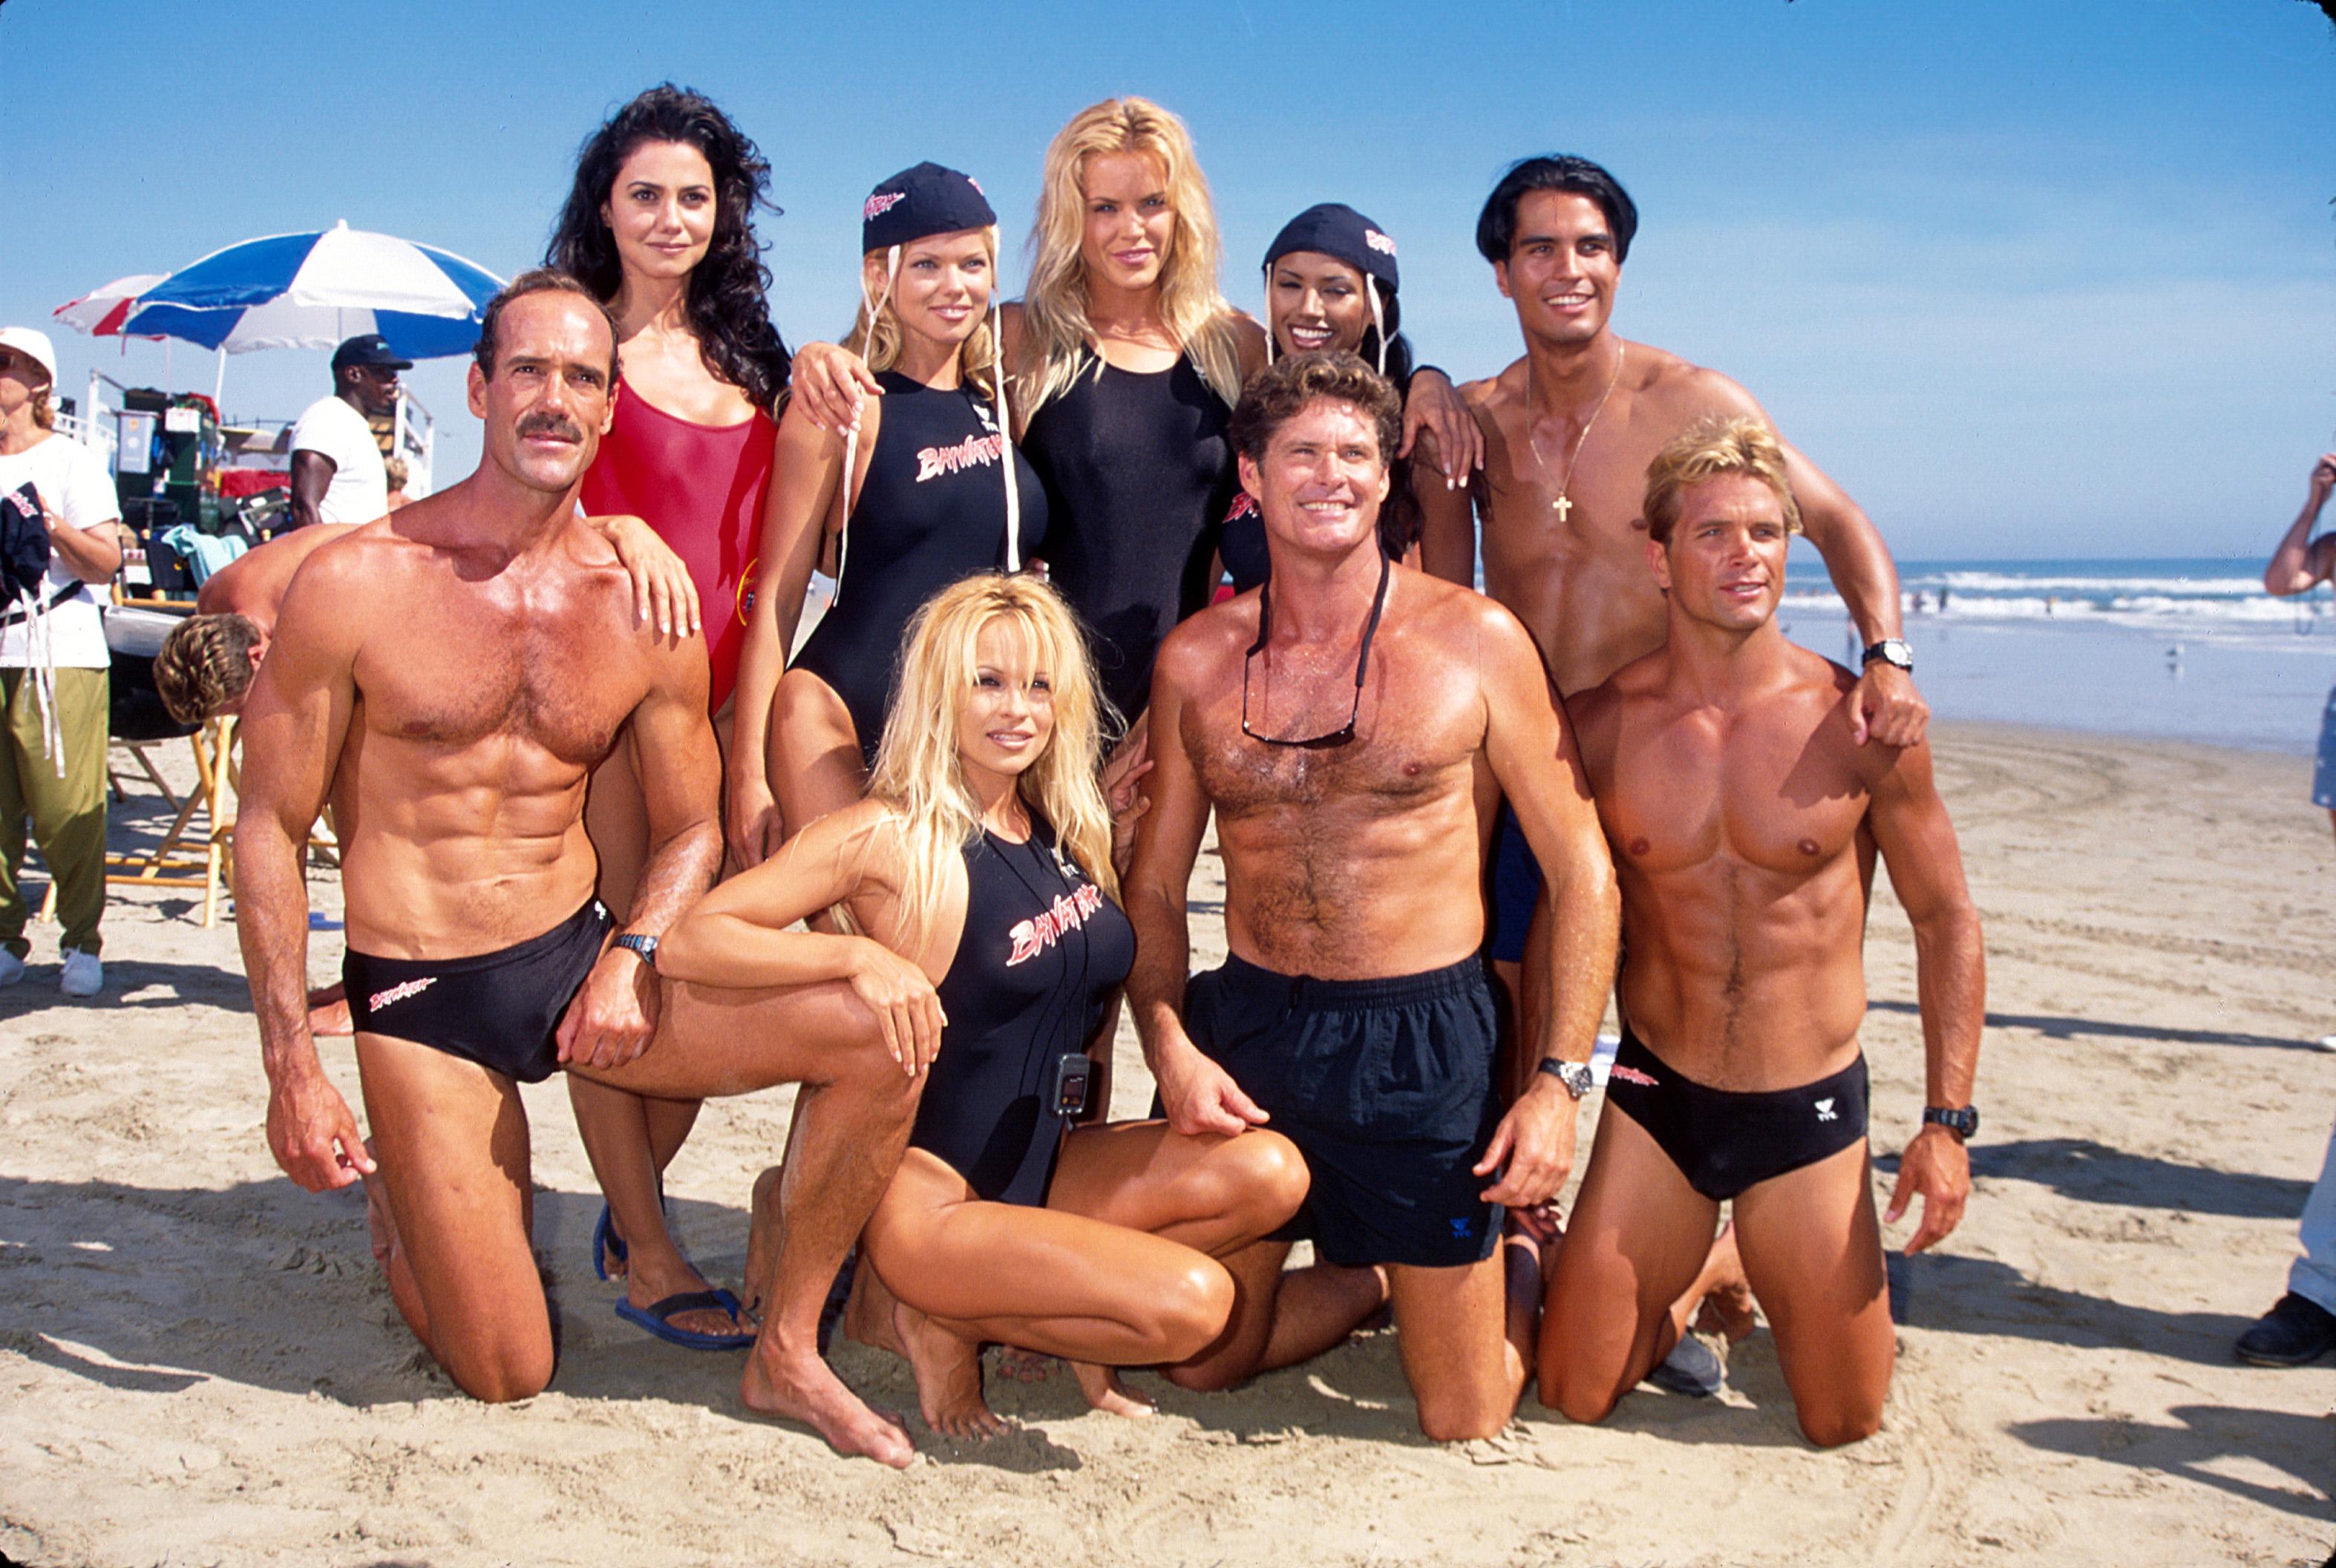 In anii '90 a fost printre cei mai admirati barbati, in serialul Baywatch. Cum arata acum David Hasseloff, la 63 de ani